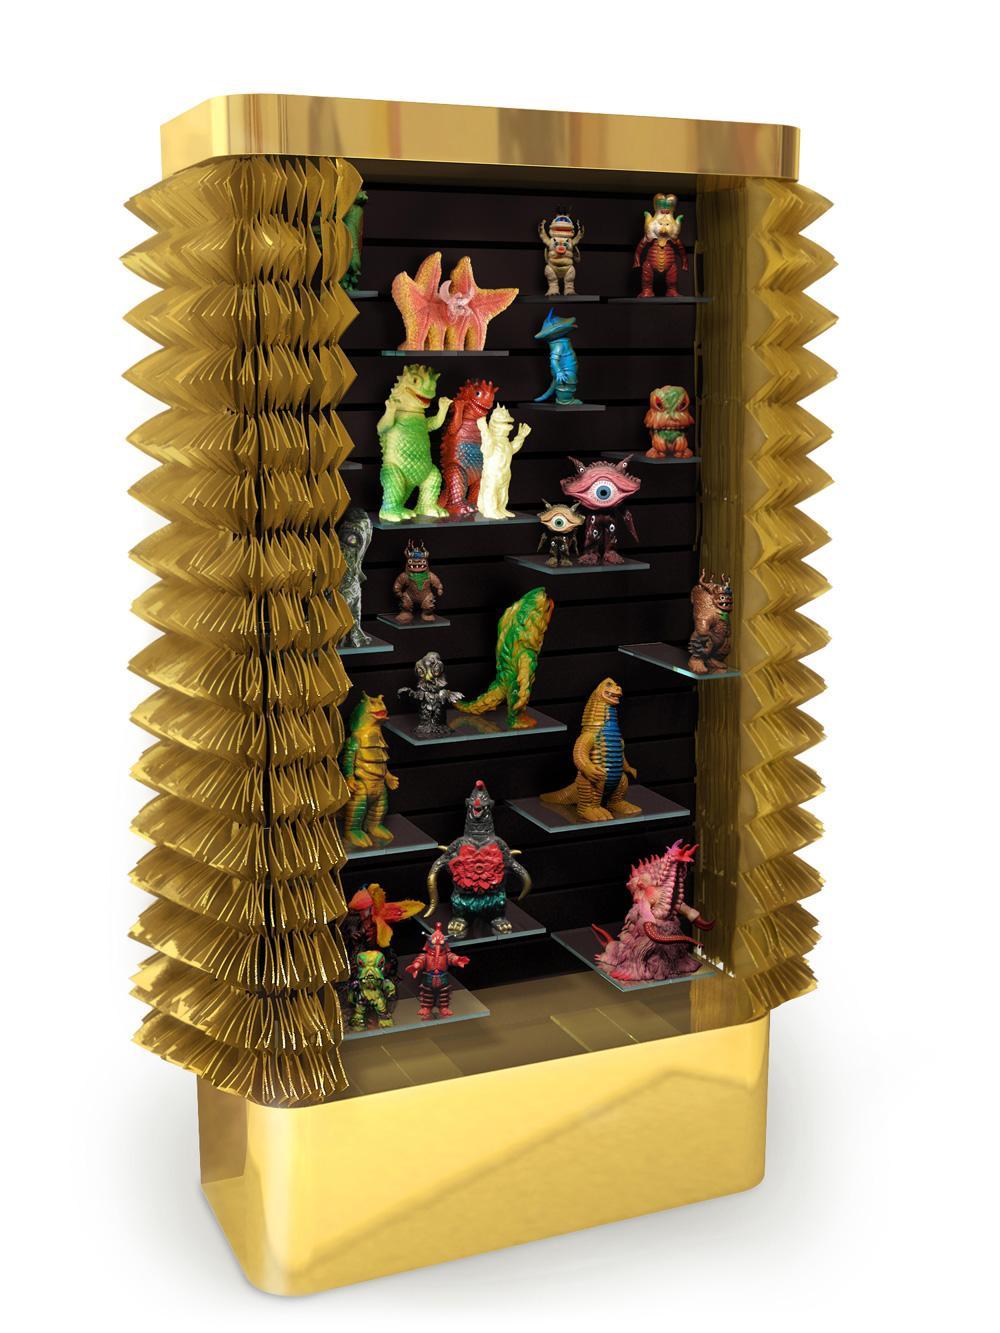 http://mocoloco.com/fresh2/upload/2012/04/collectors_cabinet_by_maurizio_galante_tal_lancman/collectors_cabinet_maurizio_galante_tal_lancman_2b.jpg